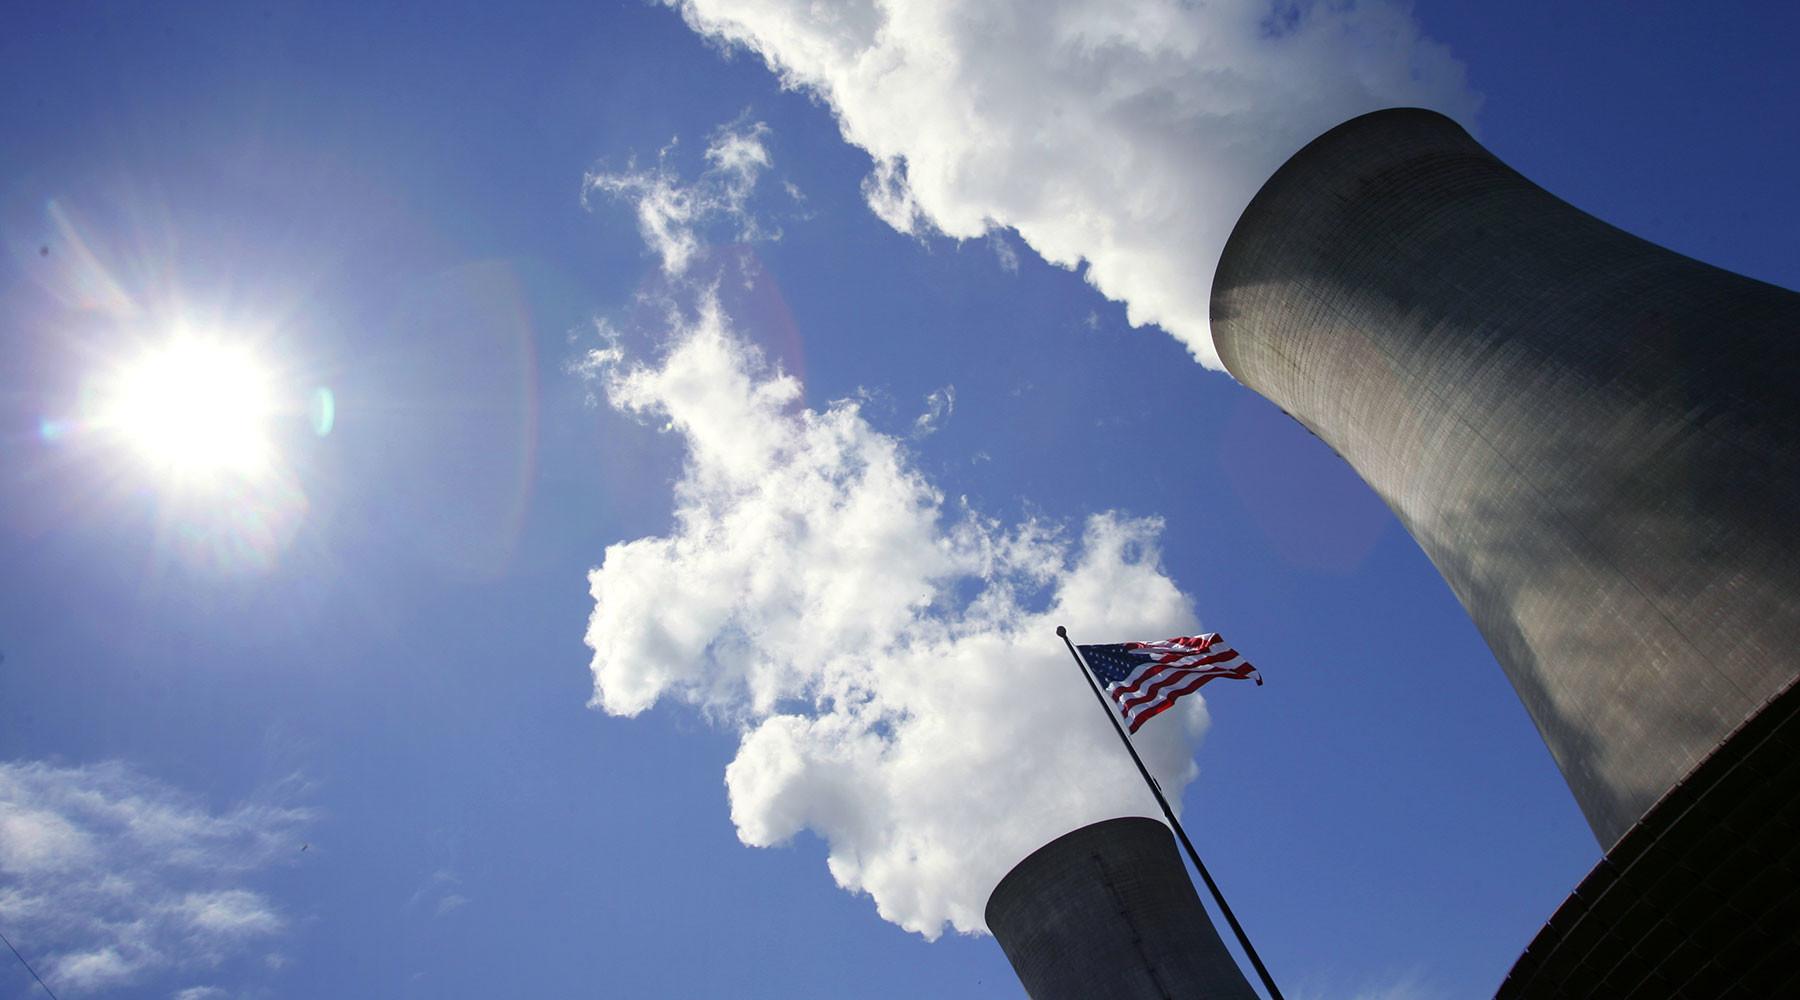 Штаты готовы потратить $400 млн на обновление и развитие атомной энергетики страны»